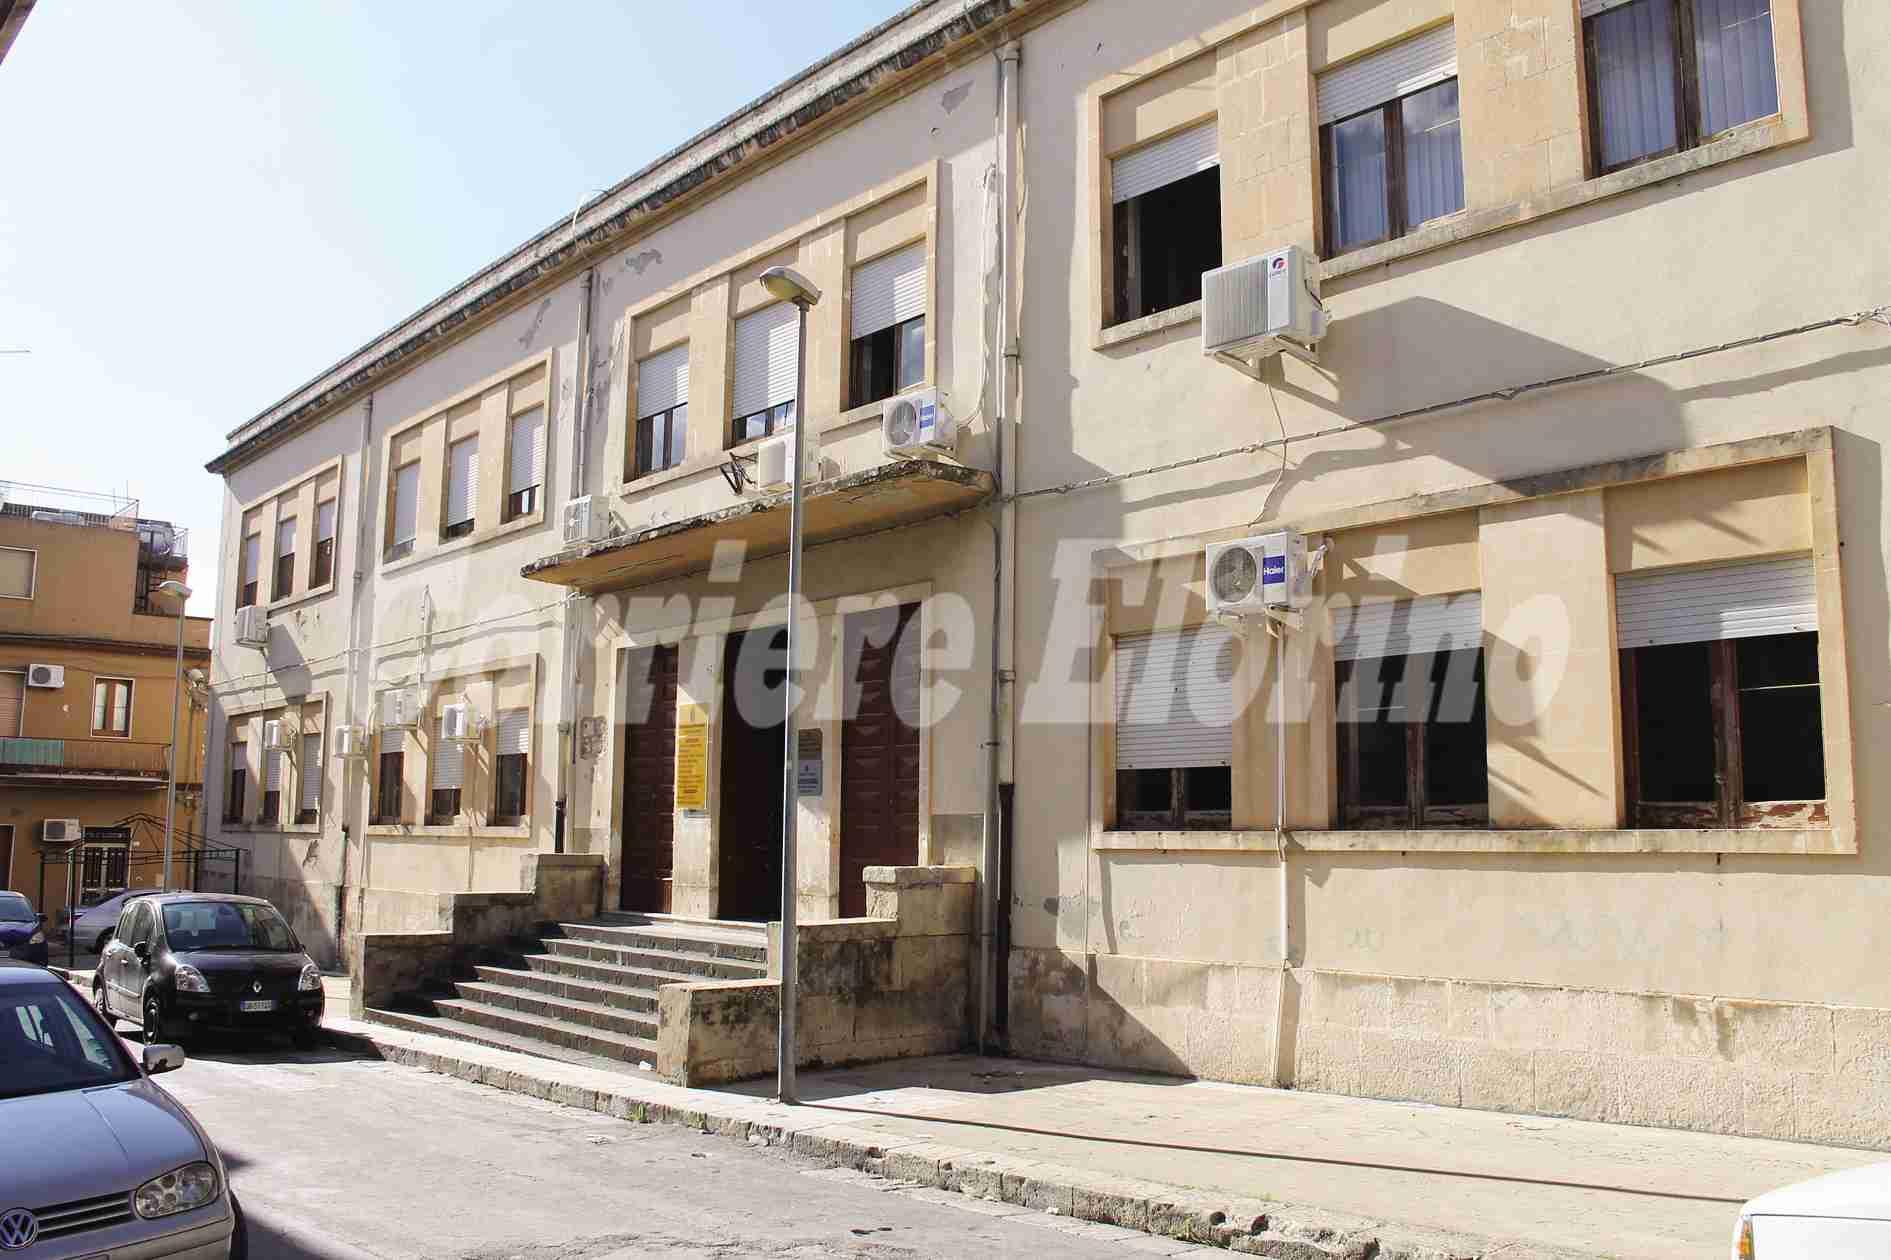 Nasce a Rosolini un presidio territoriale contro la violenza sulle donne